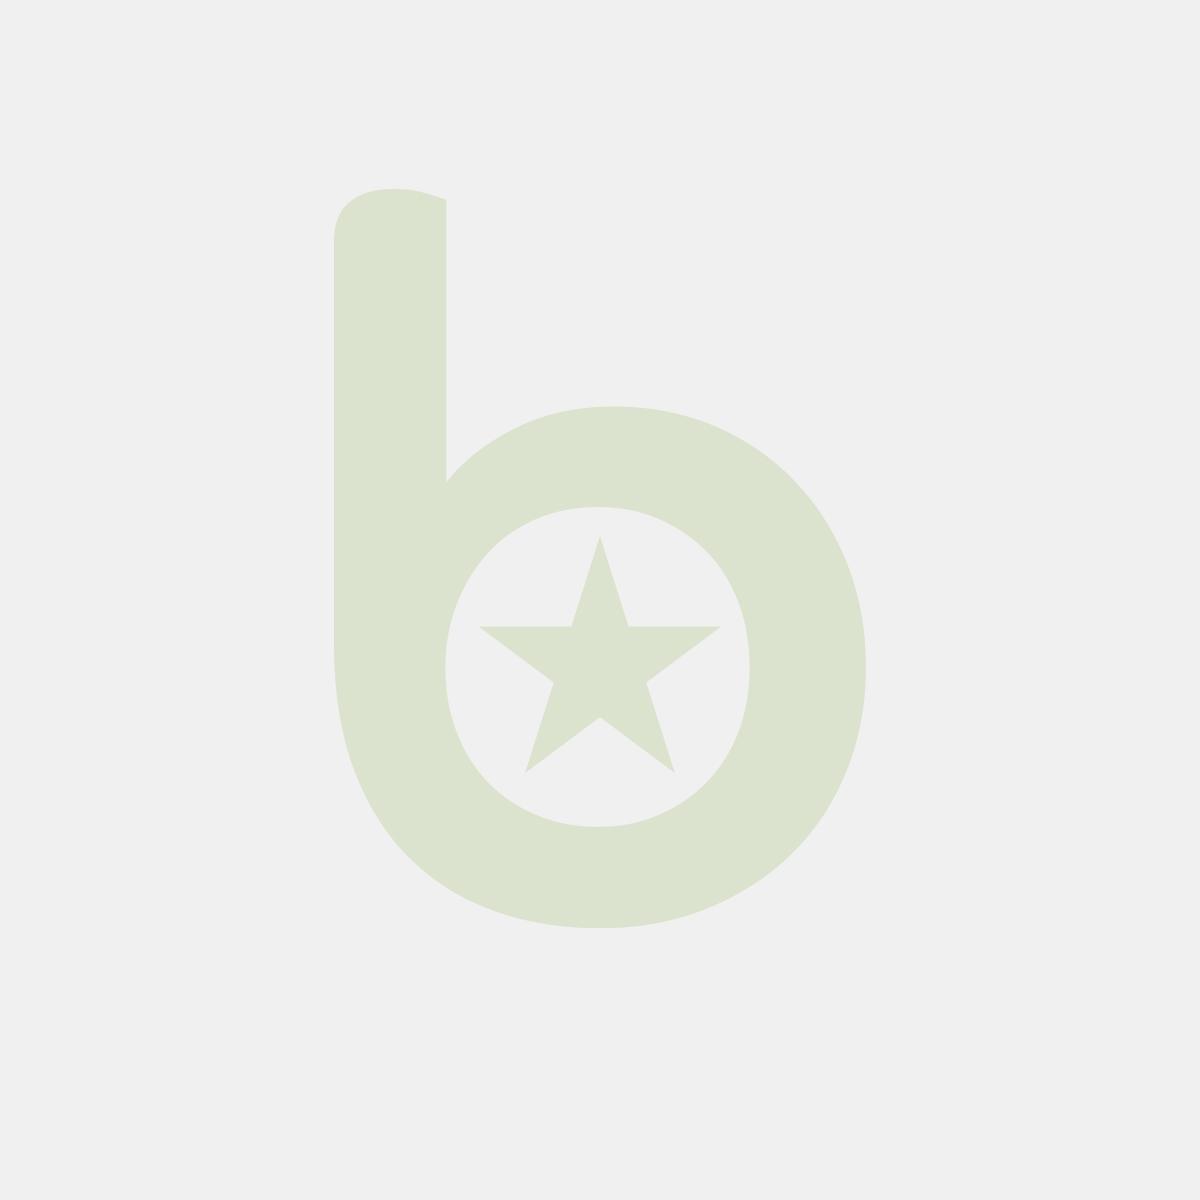 Koperta powietrzna I/19 Rozmiar wewnętr zny (mm) 300 x 320, Rozmiar zewnętrzny (